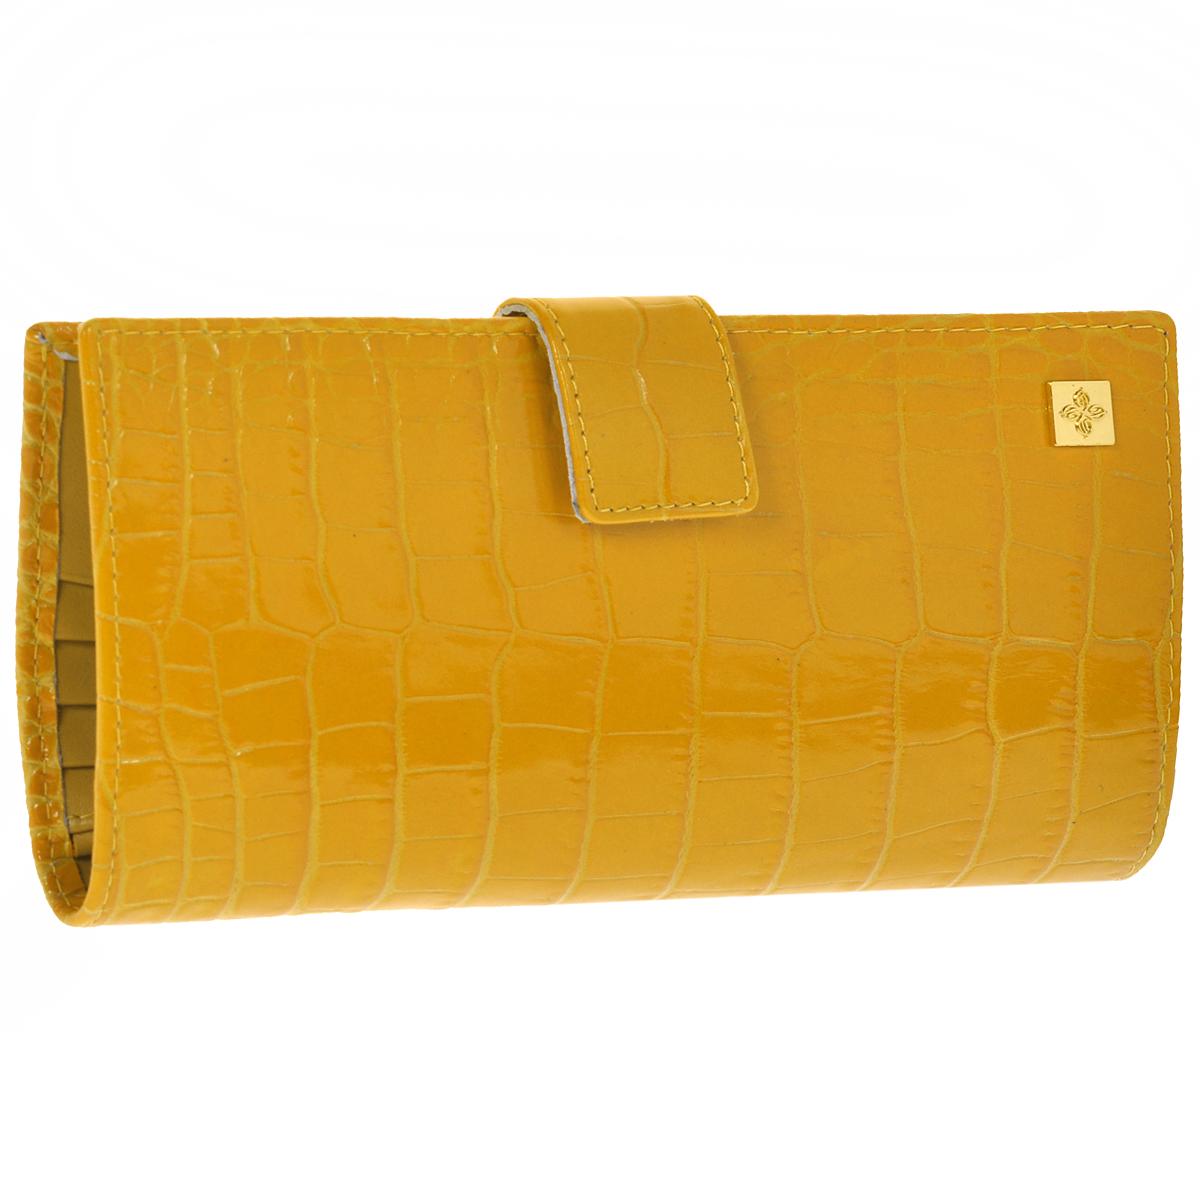 Портмоне женское Dimanche Optima, цвет: янтарь. 147147Женское портмоне Dimanche Optima, выполненное из натуральной кожи, оформлено декоративным тиснением под рептилию. Модель закрывается при помощи хлястика на кнопку. Внутри три отделения для купюр, карман для мелочи на застежке-молнии, одиннадцать карманов для визиток, два длинных кармана и два кармашка для sim-карт. Модель эффектно смотрится в руке. Кожа роскошная, отделка аккуратная, портмоне с удовольствием берешь в руки и также с удовольствием им пользуешься. Стильное и удобное портмоне станет ярким практичным аксессуаром, который выгодно дополнит ваш образ. Портмоне упаковано в фирменную коробку.